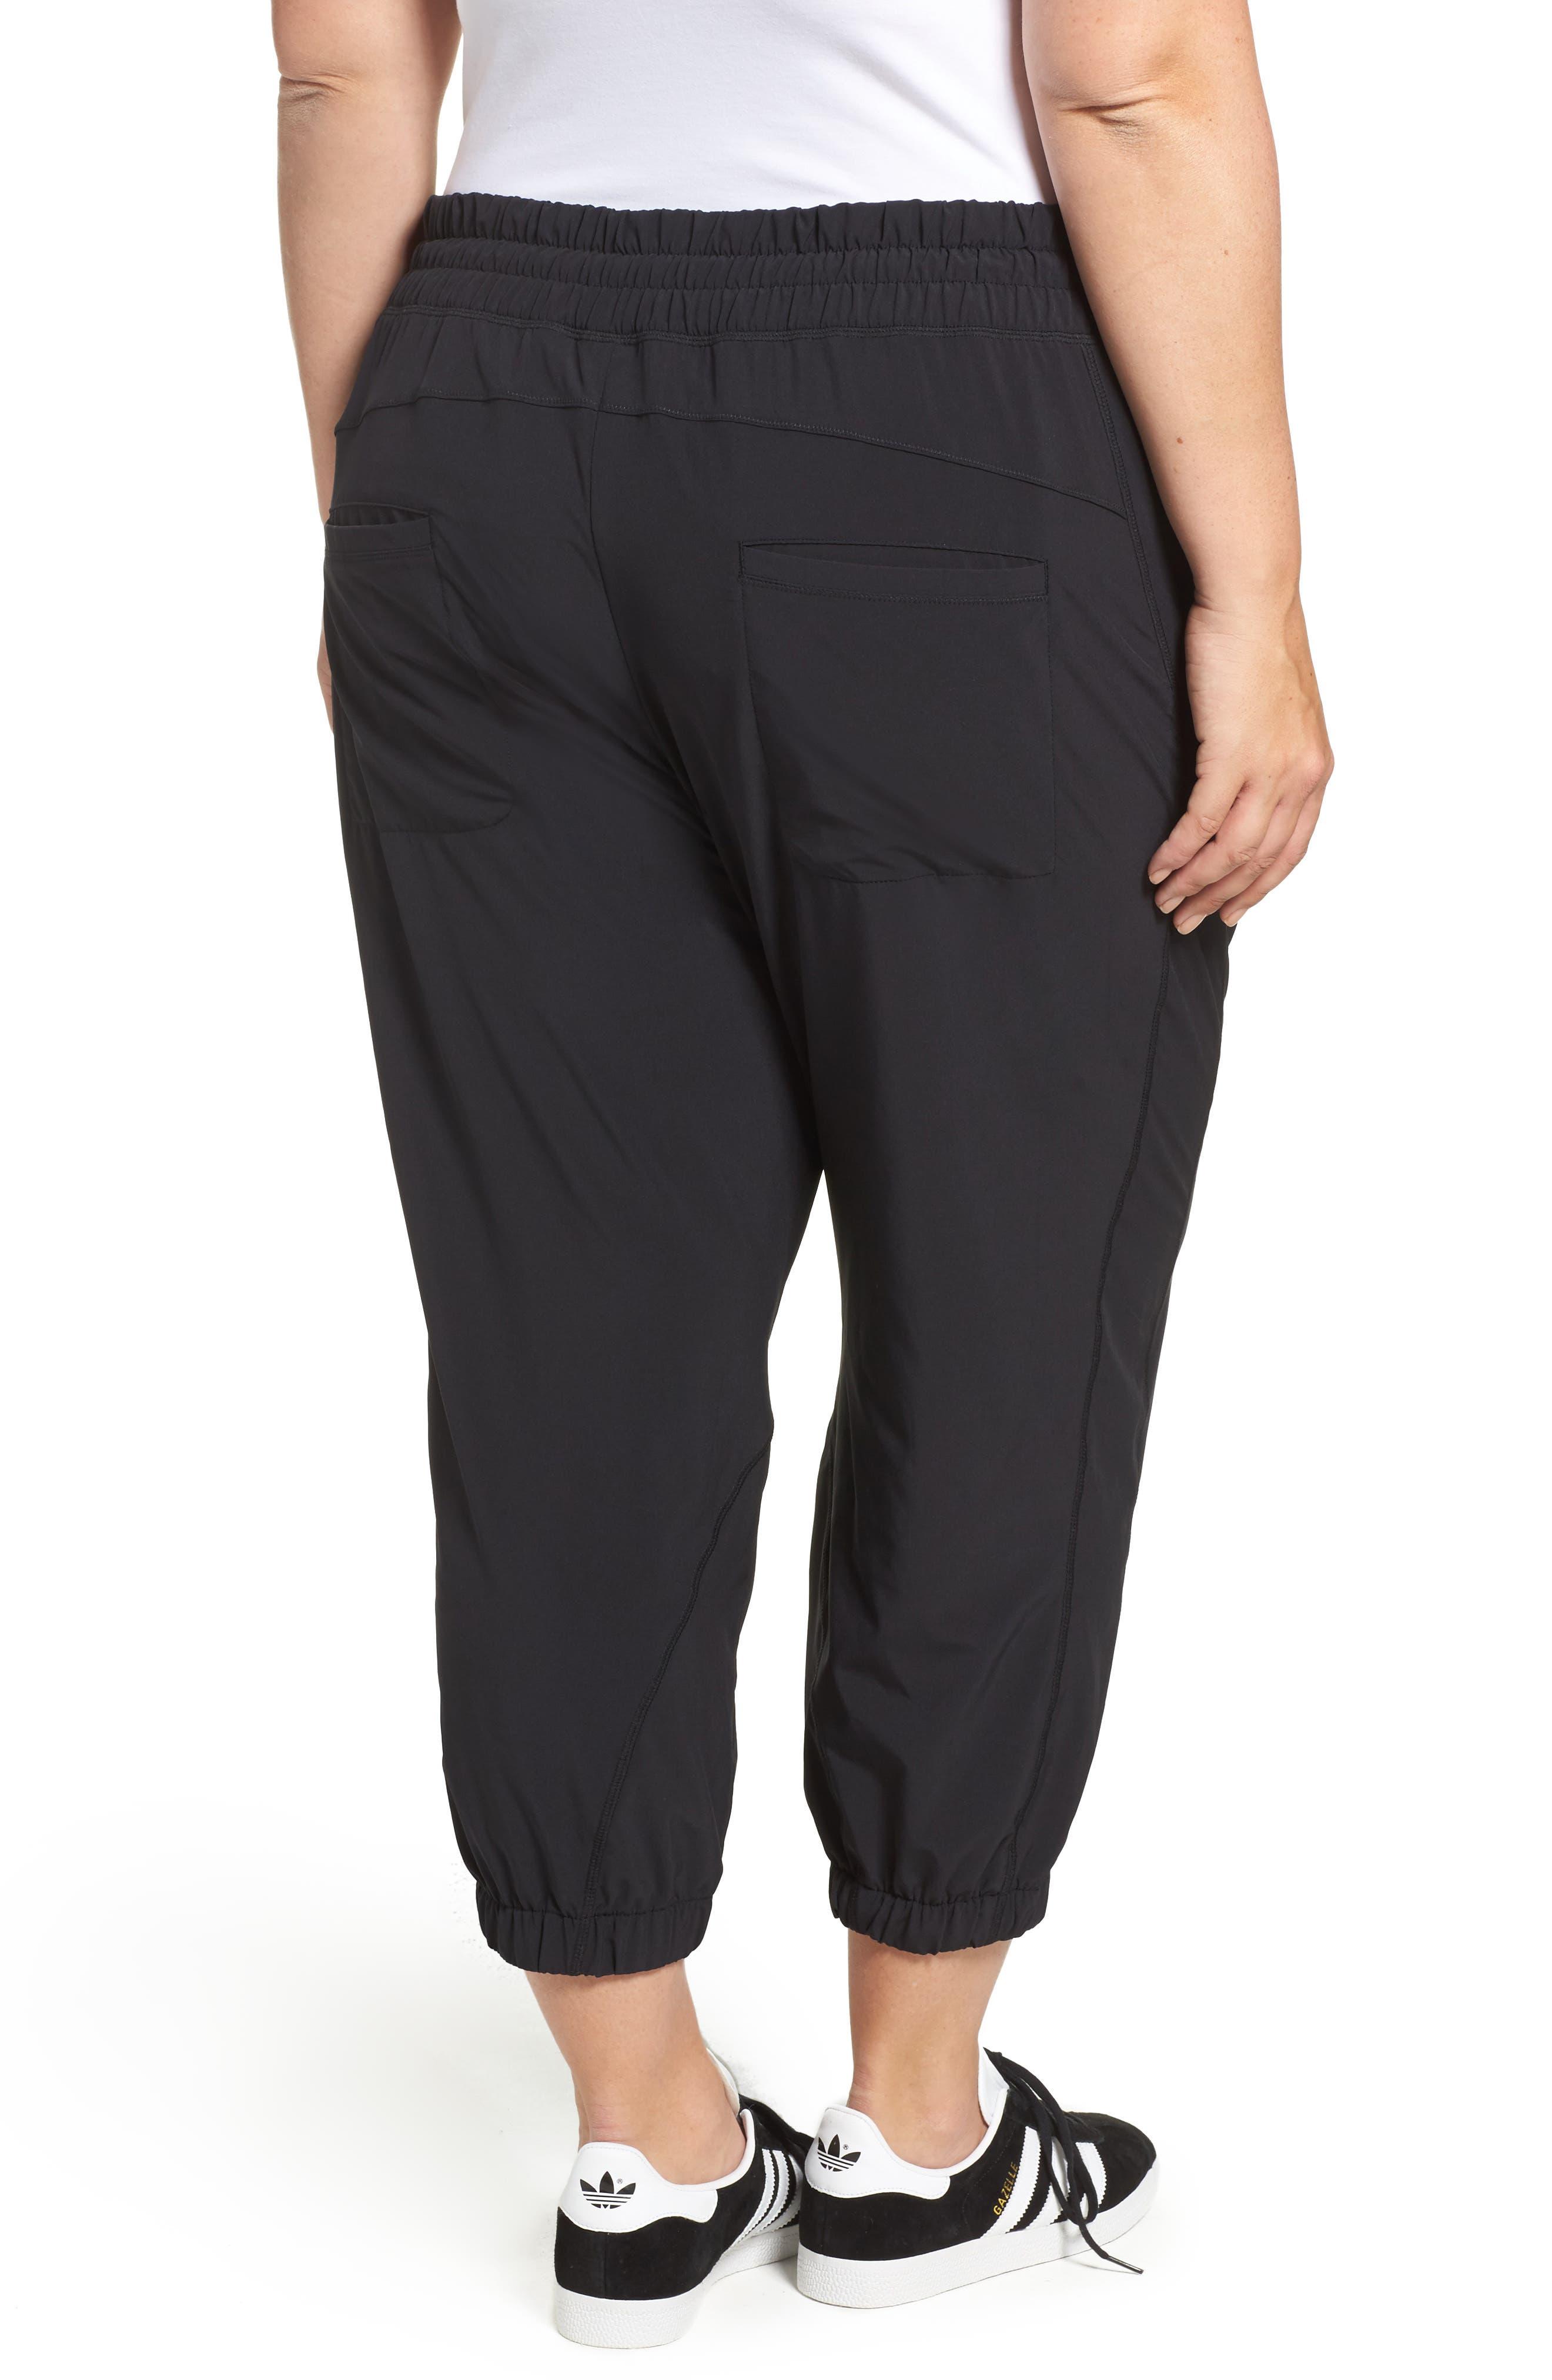 Out & About 2 Crop Pants,                             Alternate thumbnail 2, color,                             Black